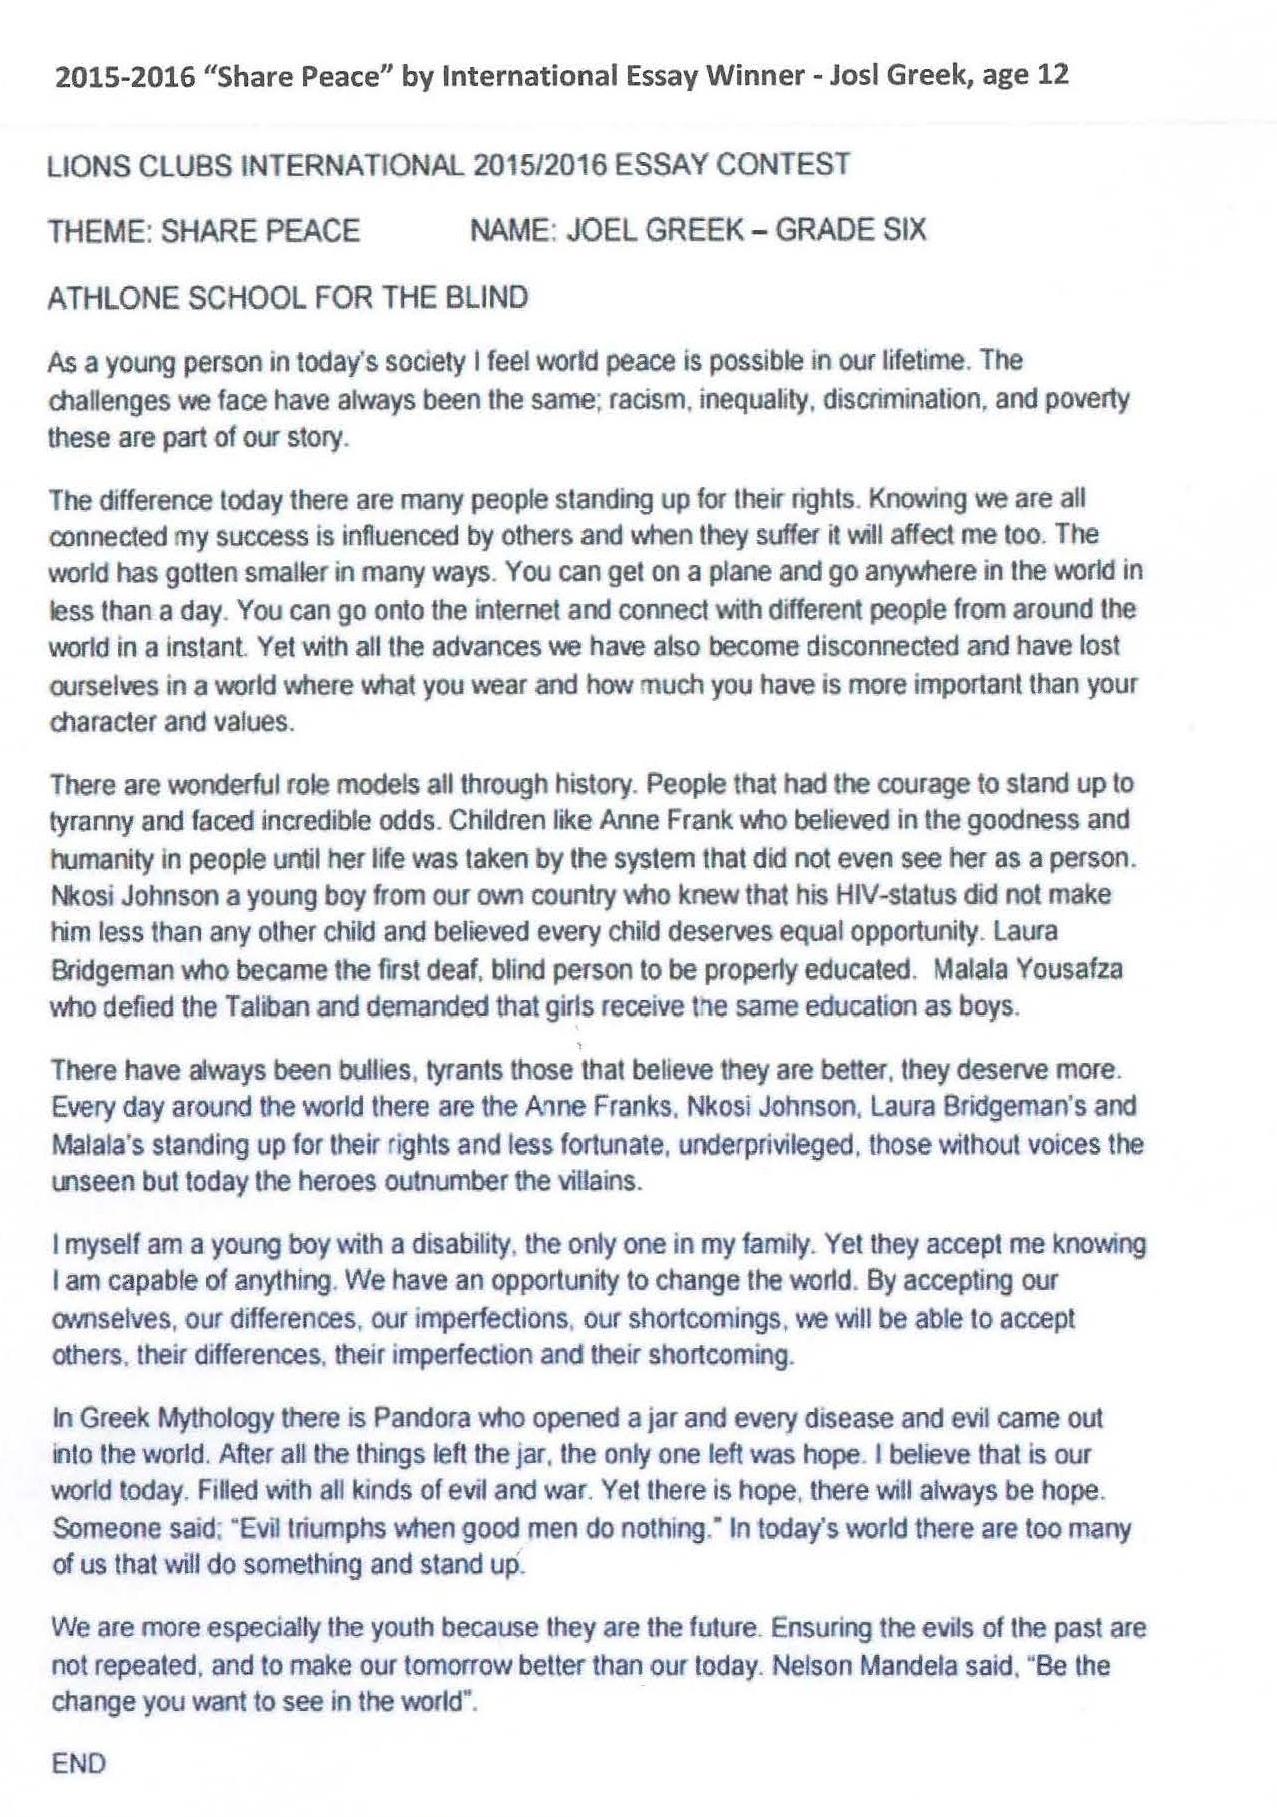 002 Essay Contest Winner If I Were Blind Singular Full